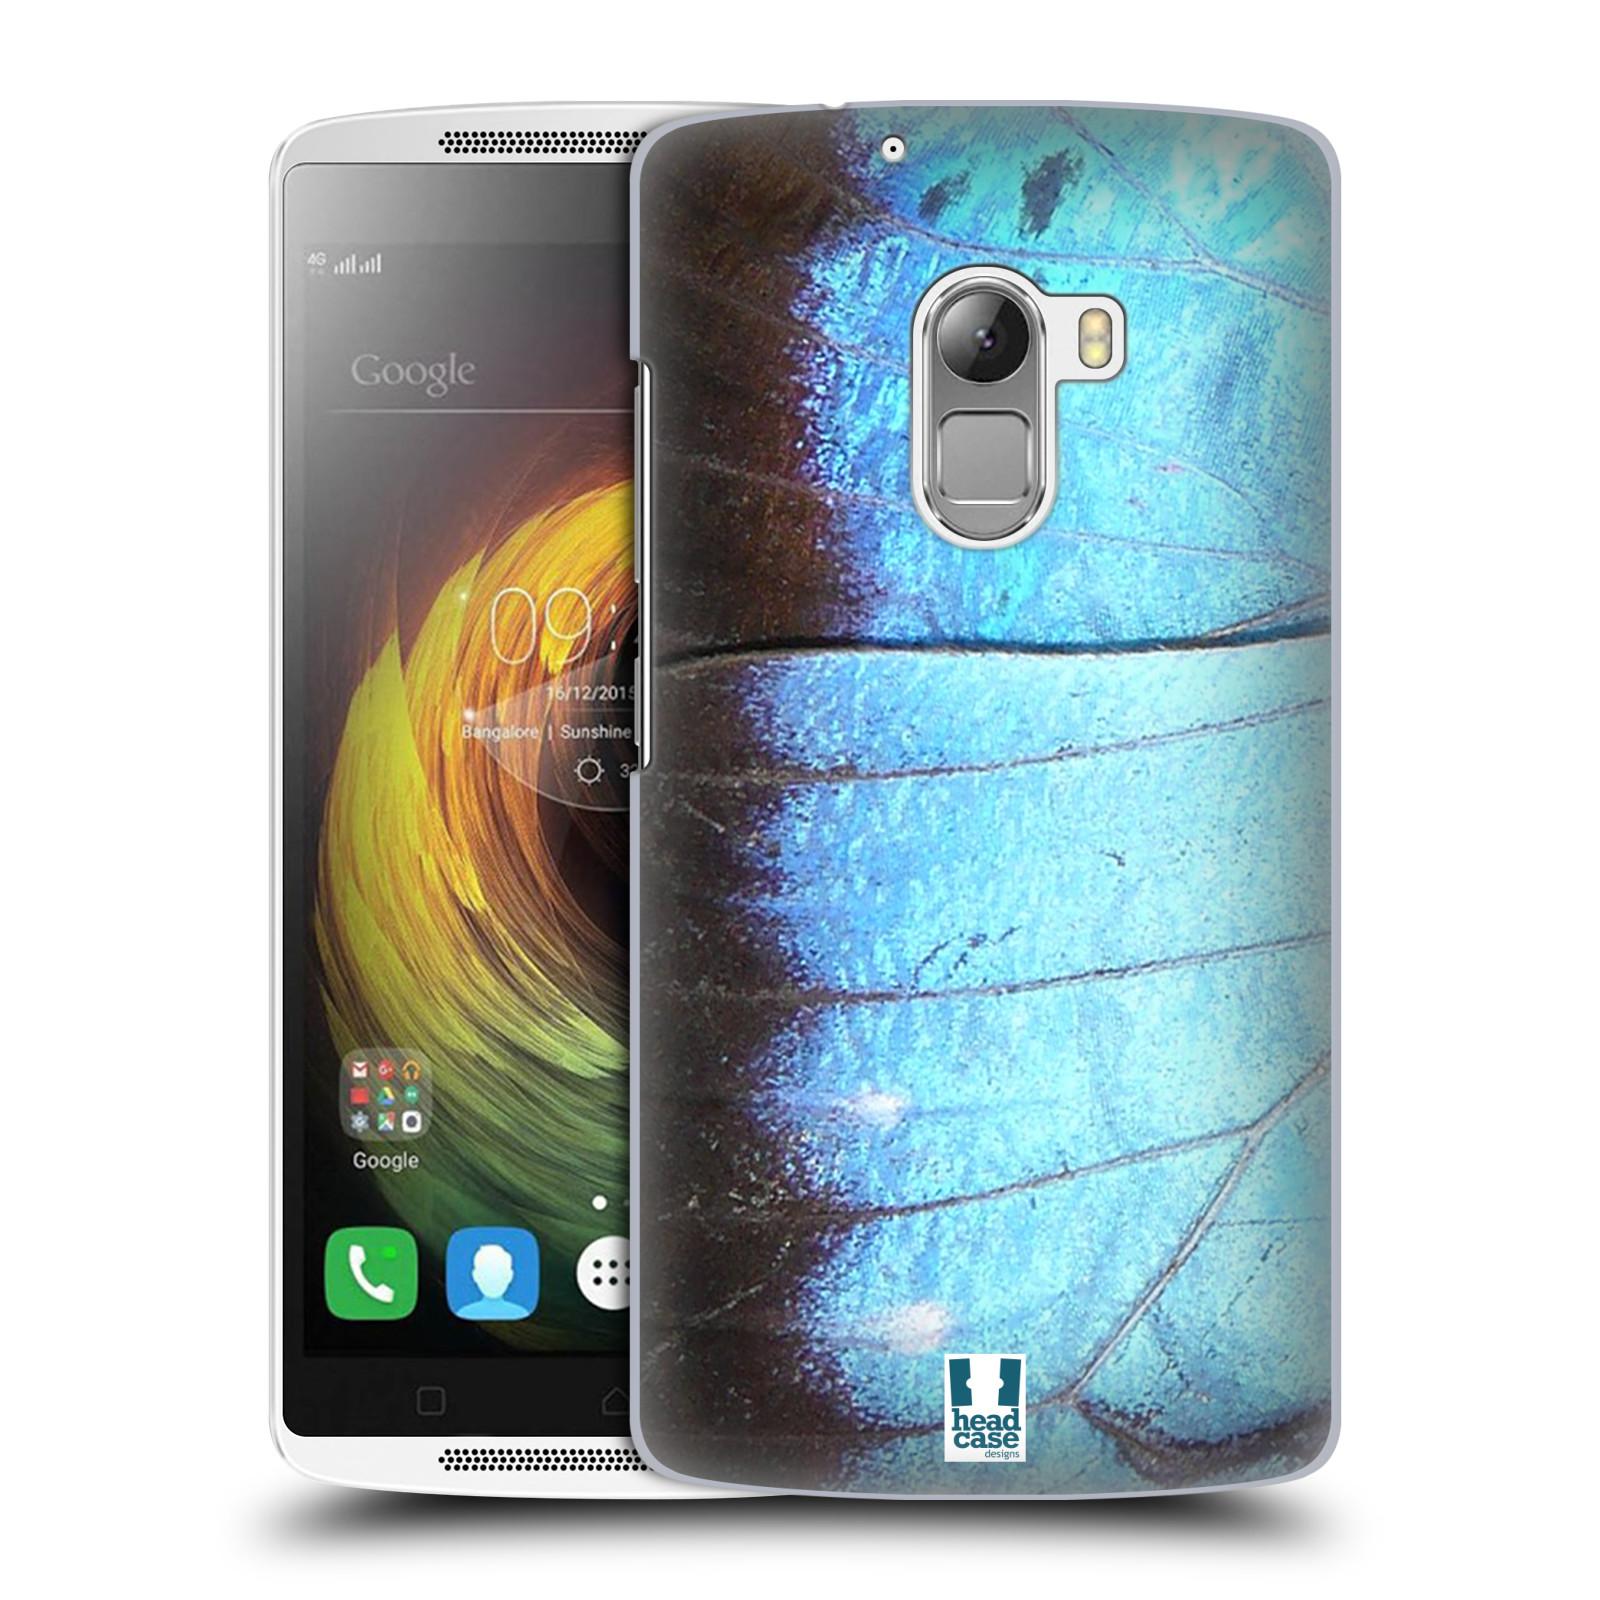 HEAD CASE pevný plastový obal na mobil LENOVO A7010 / A7010 DUAL / K4 Note / Vibe X3 lite vzor motýl křídla modrá